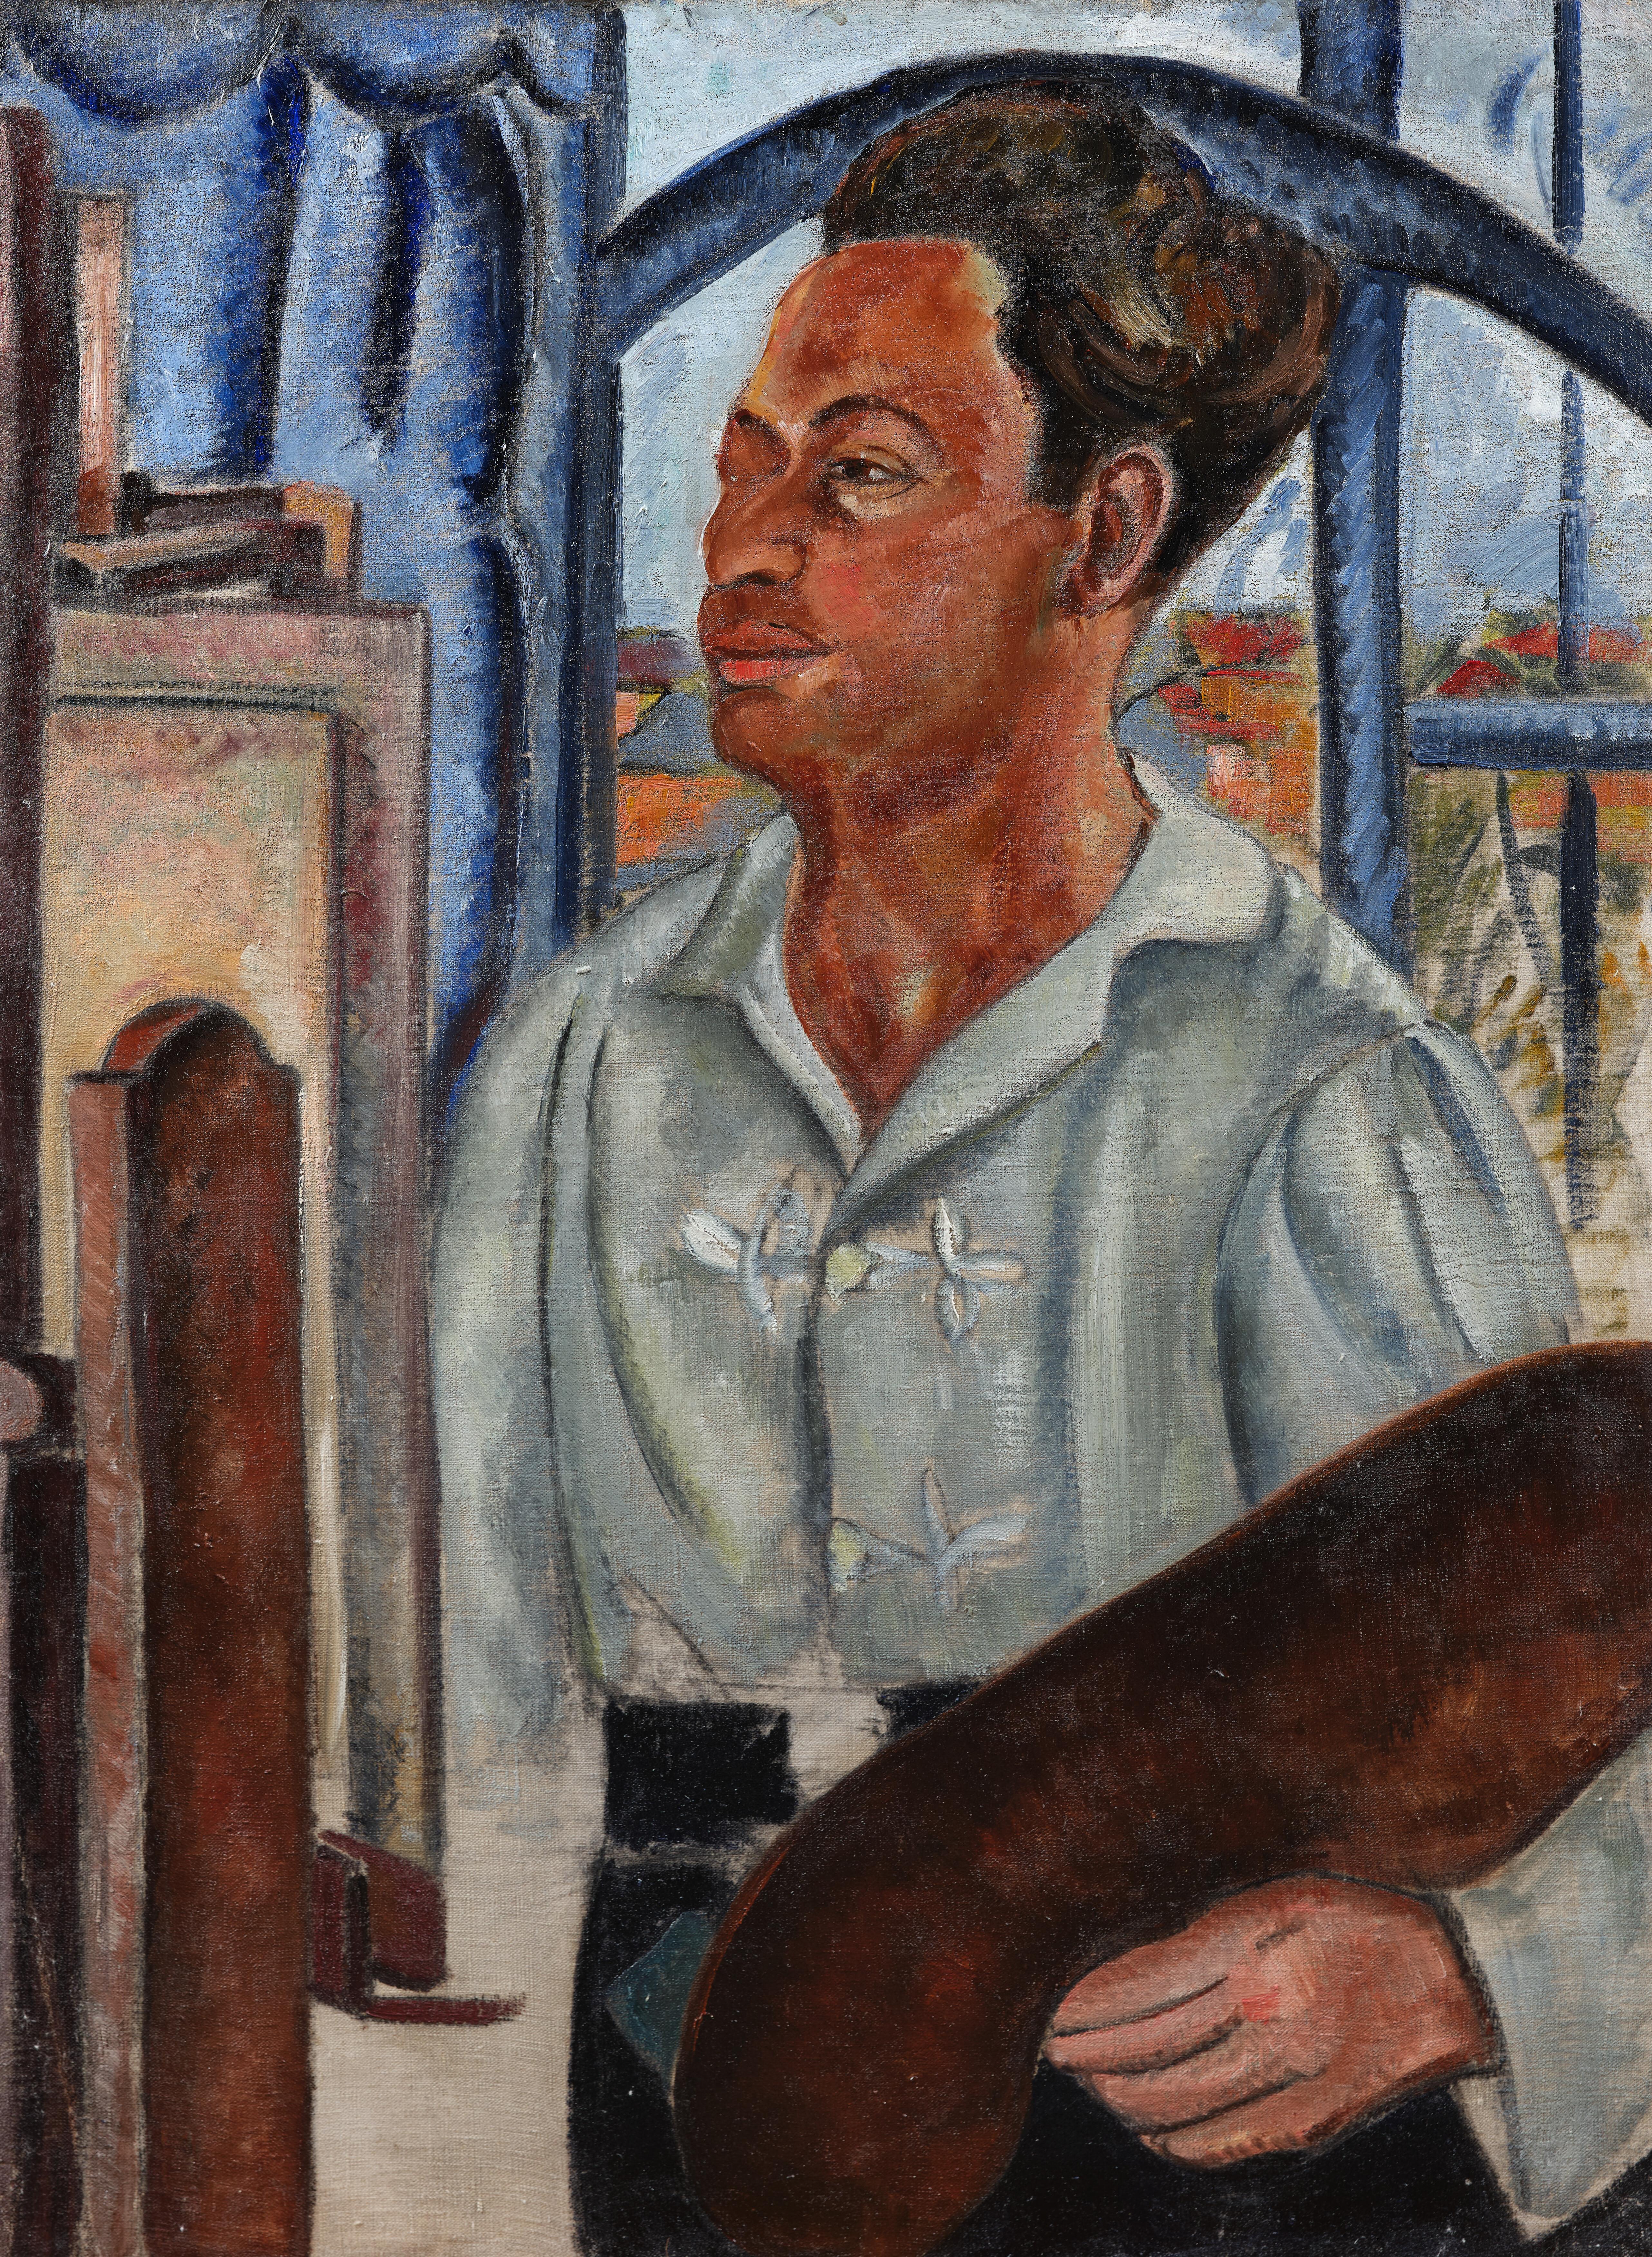 Autoportrait à la palette - tableau de André Favory, vendu par la galerie Marek & Sons